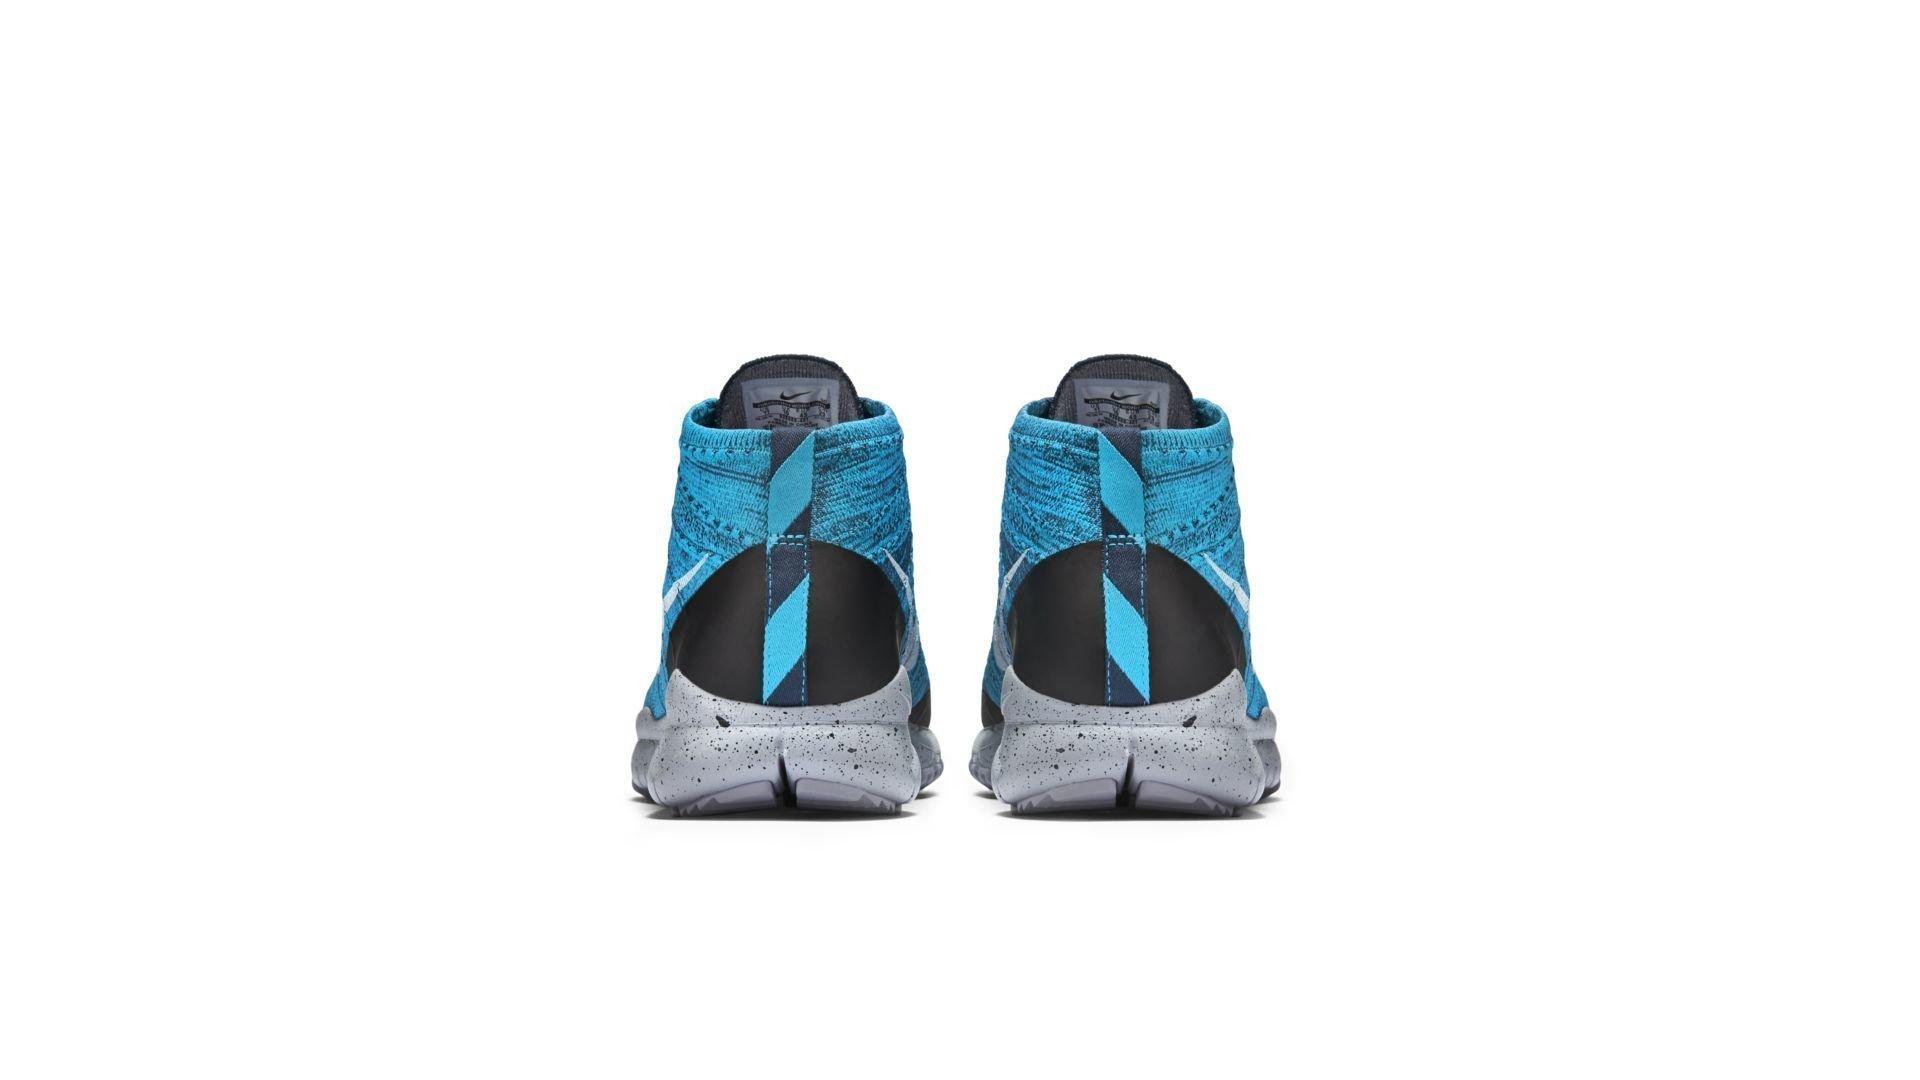 Nike Flyknit Trainer Chukka FSB Squadron Blue White (625009-401)